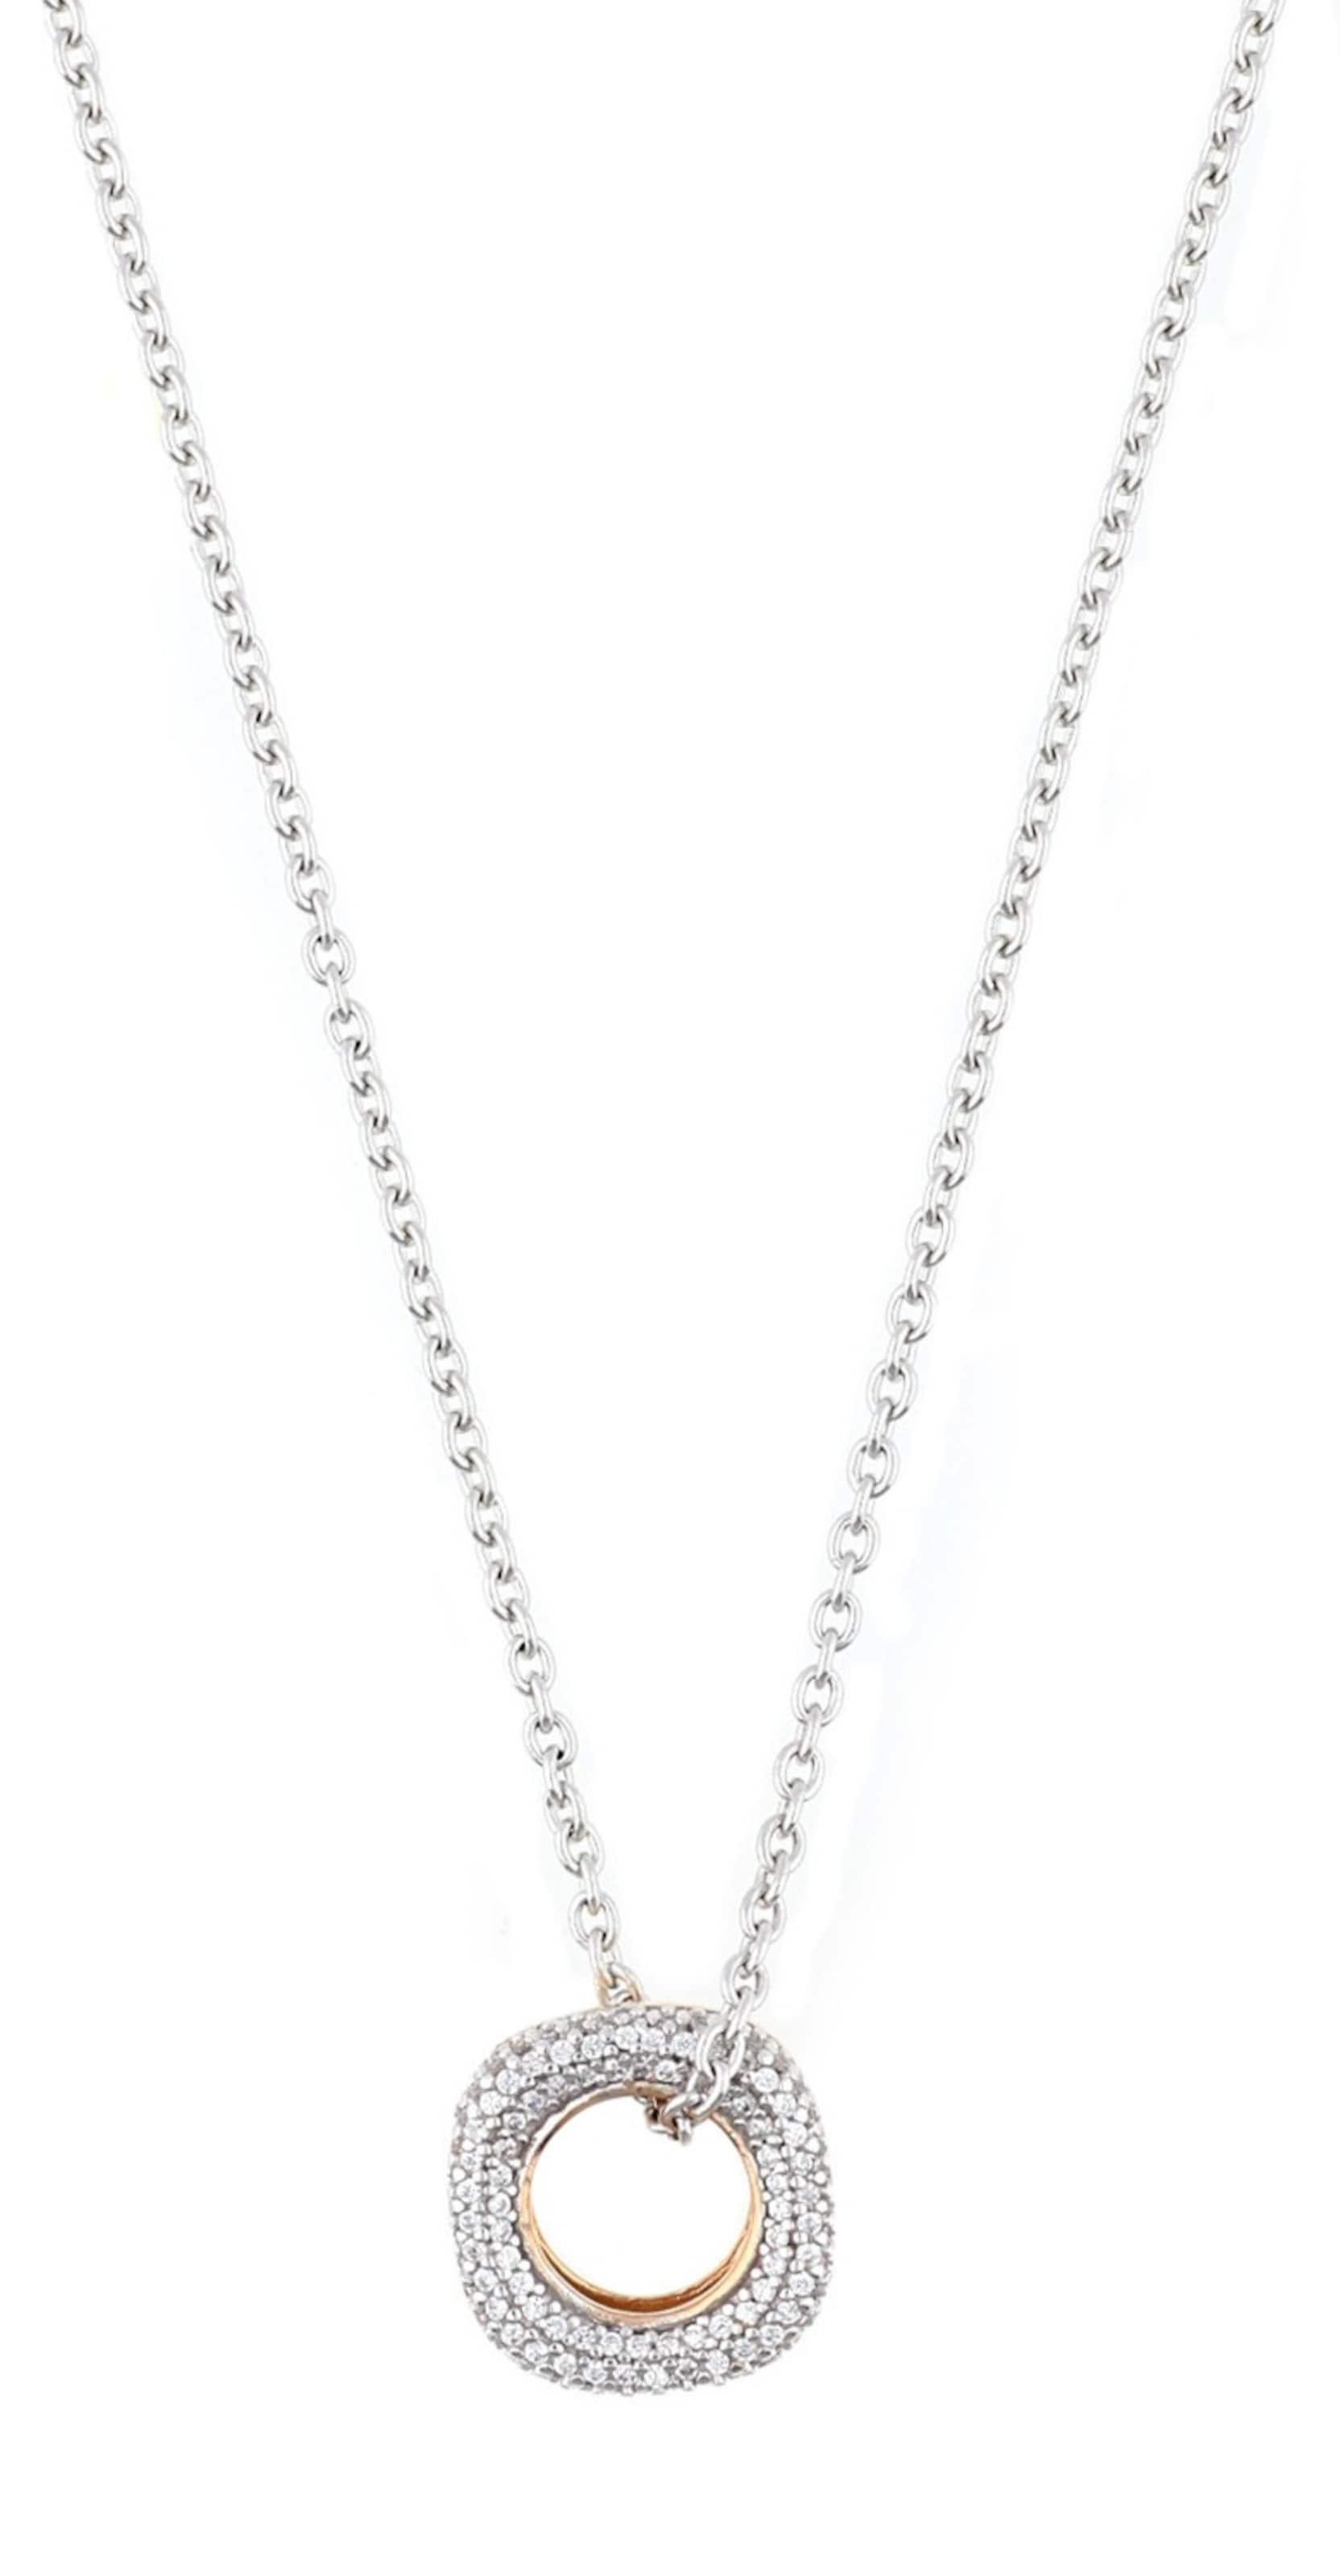 JOOP! Halskette 'Jane JPNL90605B450' Footlocker Günstig Online Ausverkauf Für Schönen Verkauf Online ohnHe7